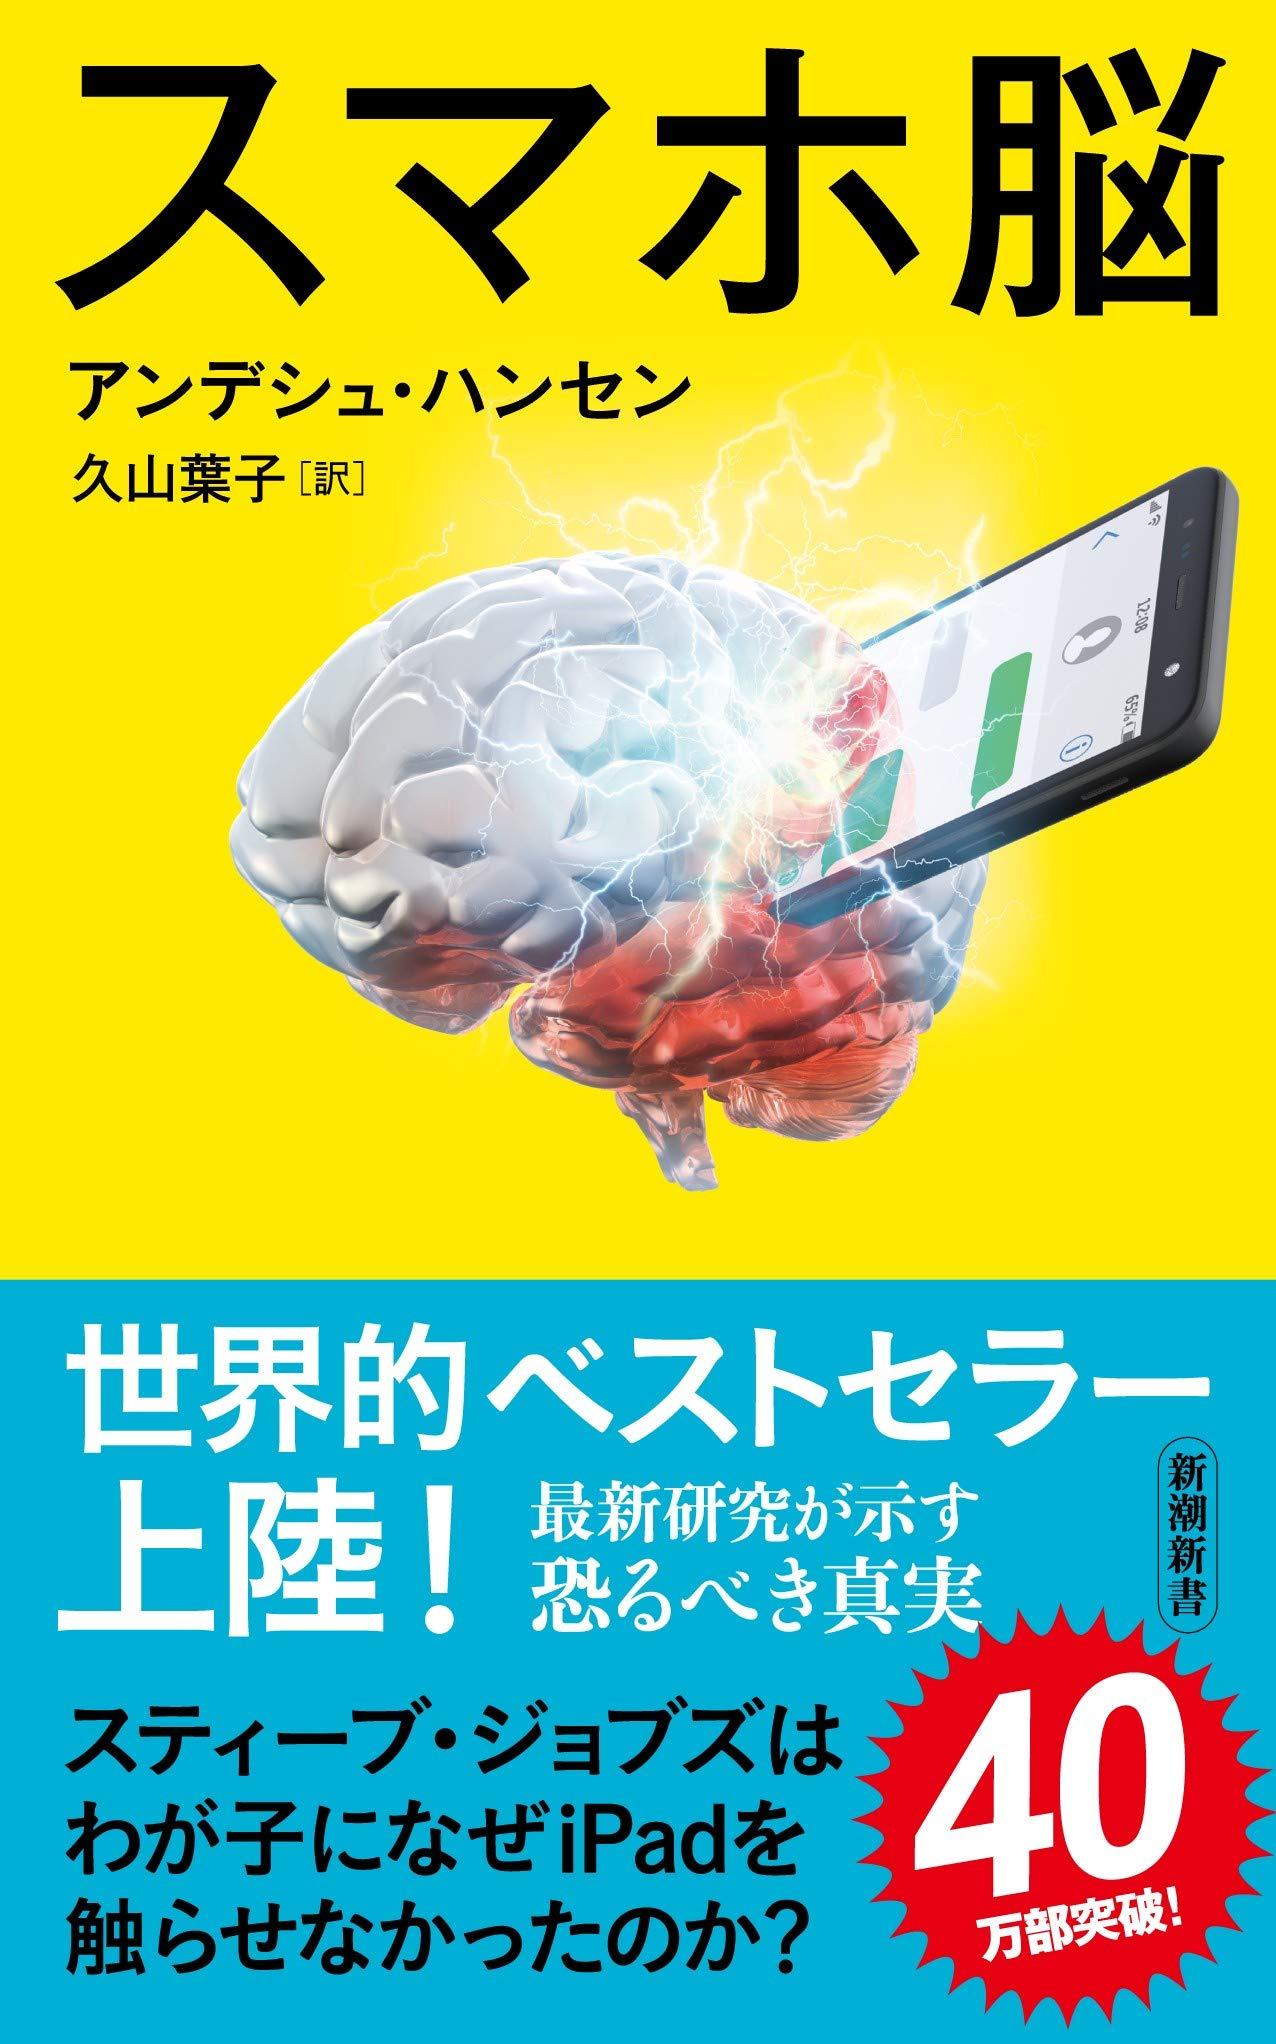 スマホ脳 (新潮新書) | アンデシュ・ハンセン, 久山 葉子 |本 | 通販 | Amazon